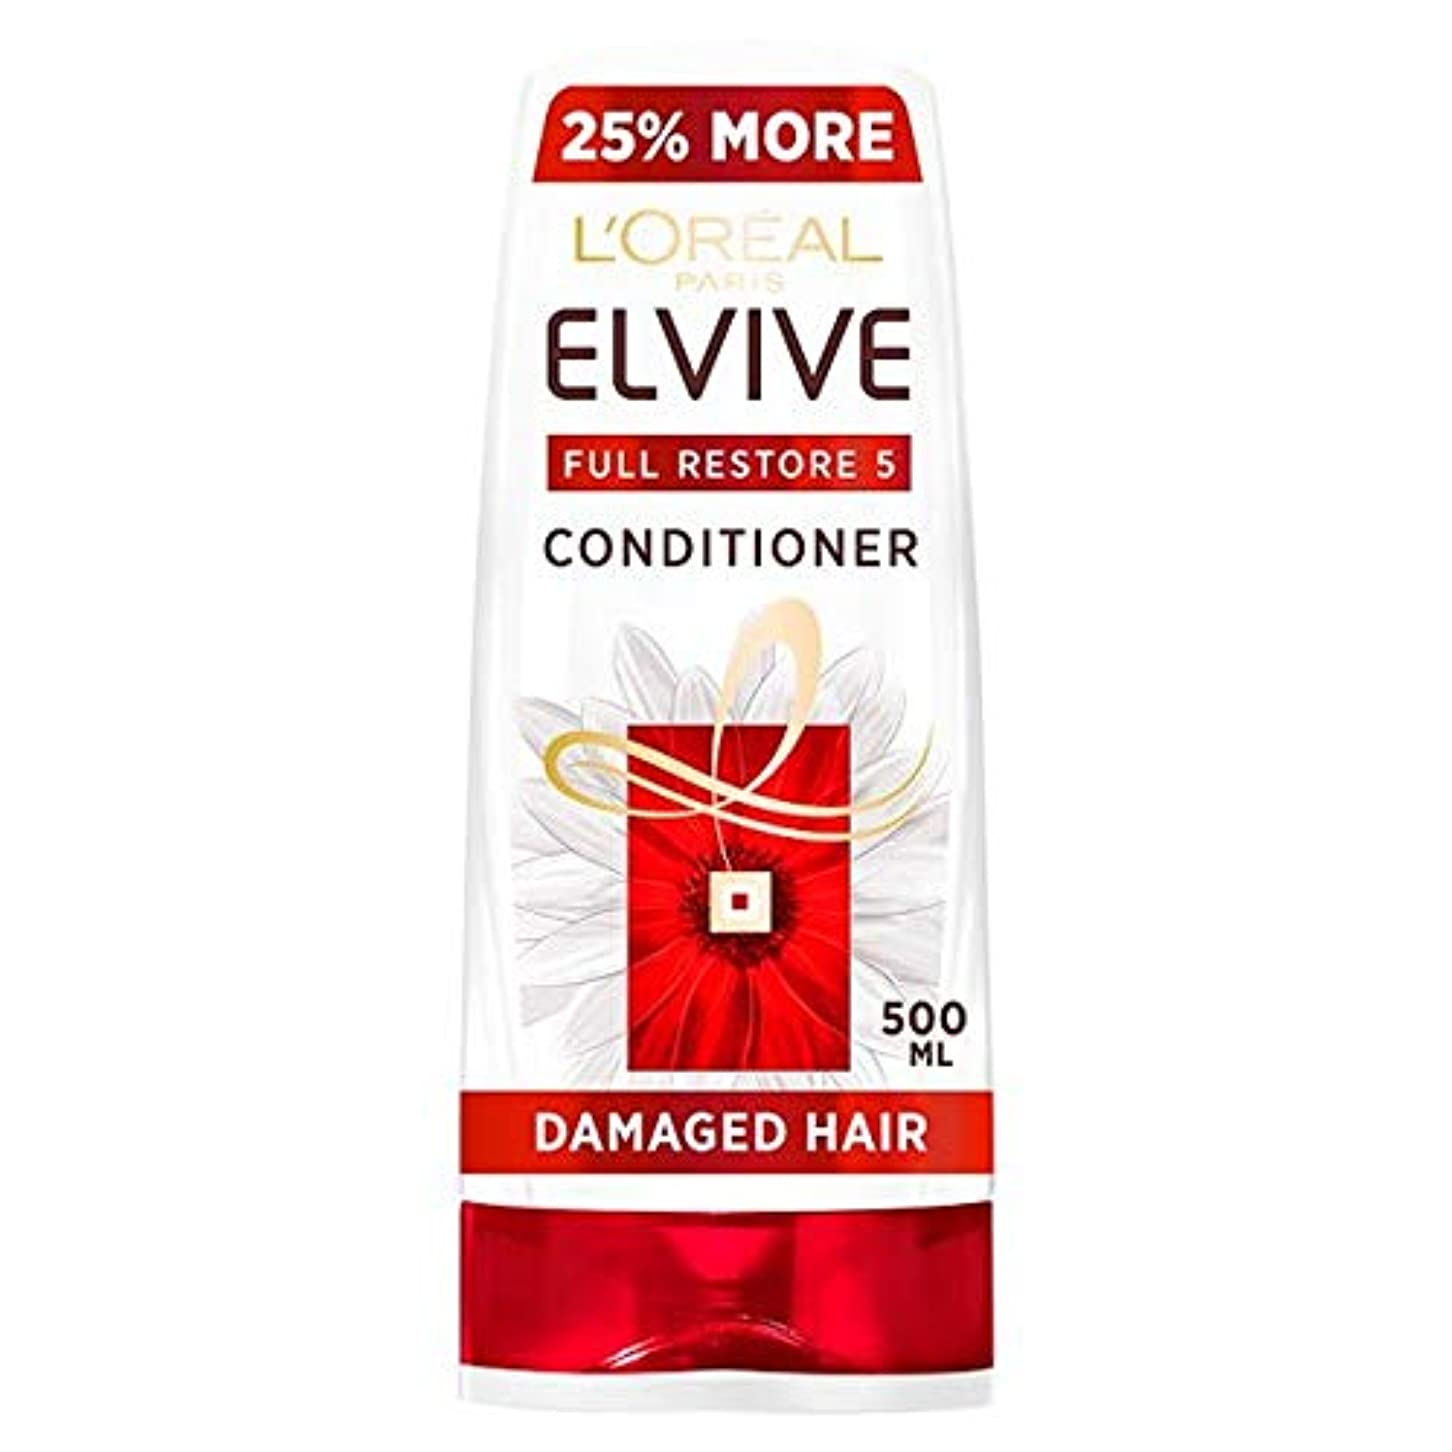 釈義怠感大[Elvive] ロレアルElvive極度のダメージヘアコンディショナー500ミリリットル - L'oreal Elvive Extreme Damaged Hair Conditioner 500Ml [並行輸入品]